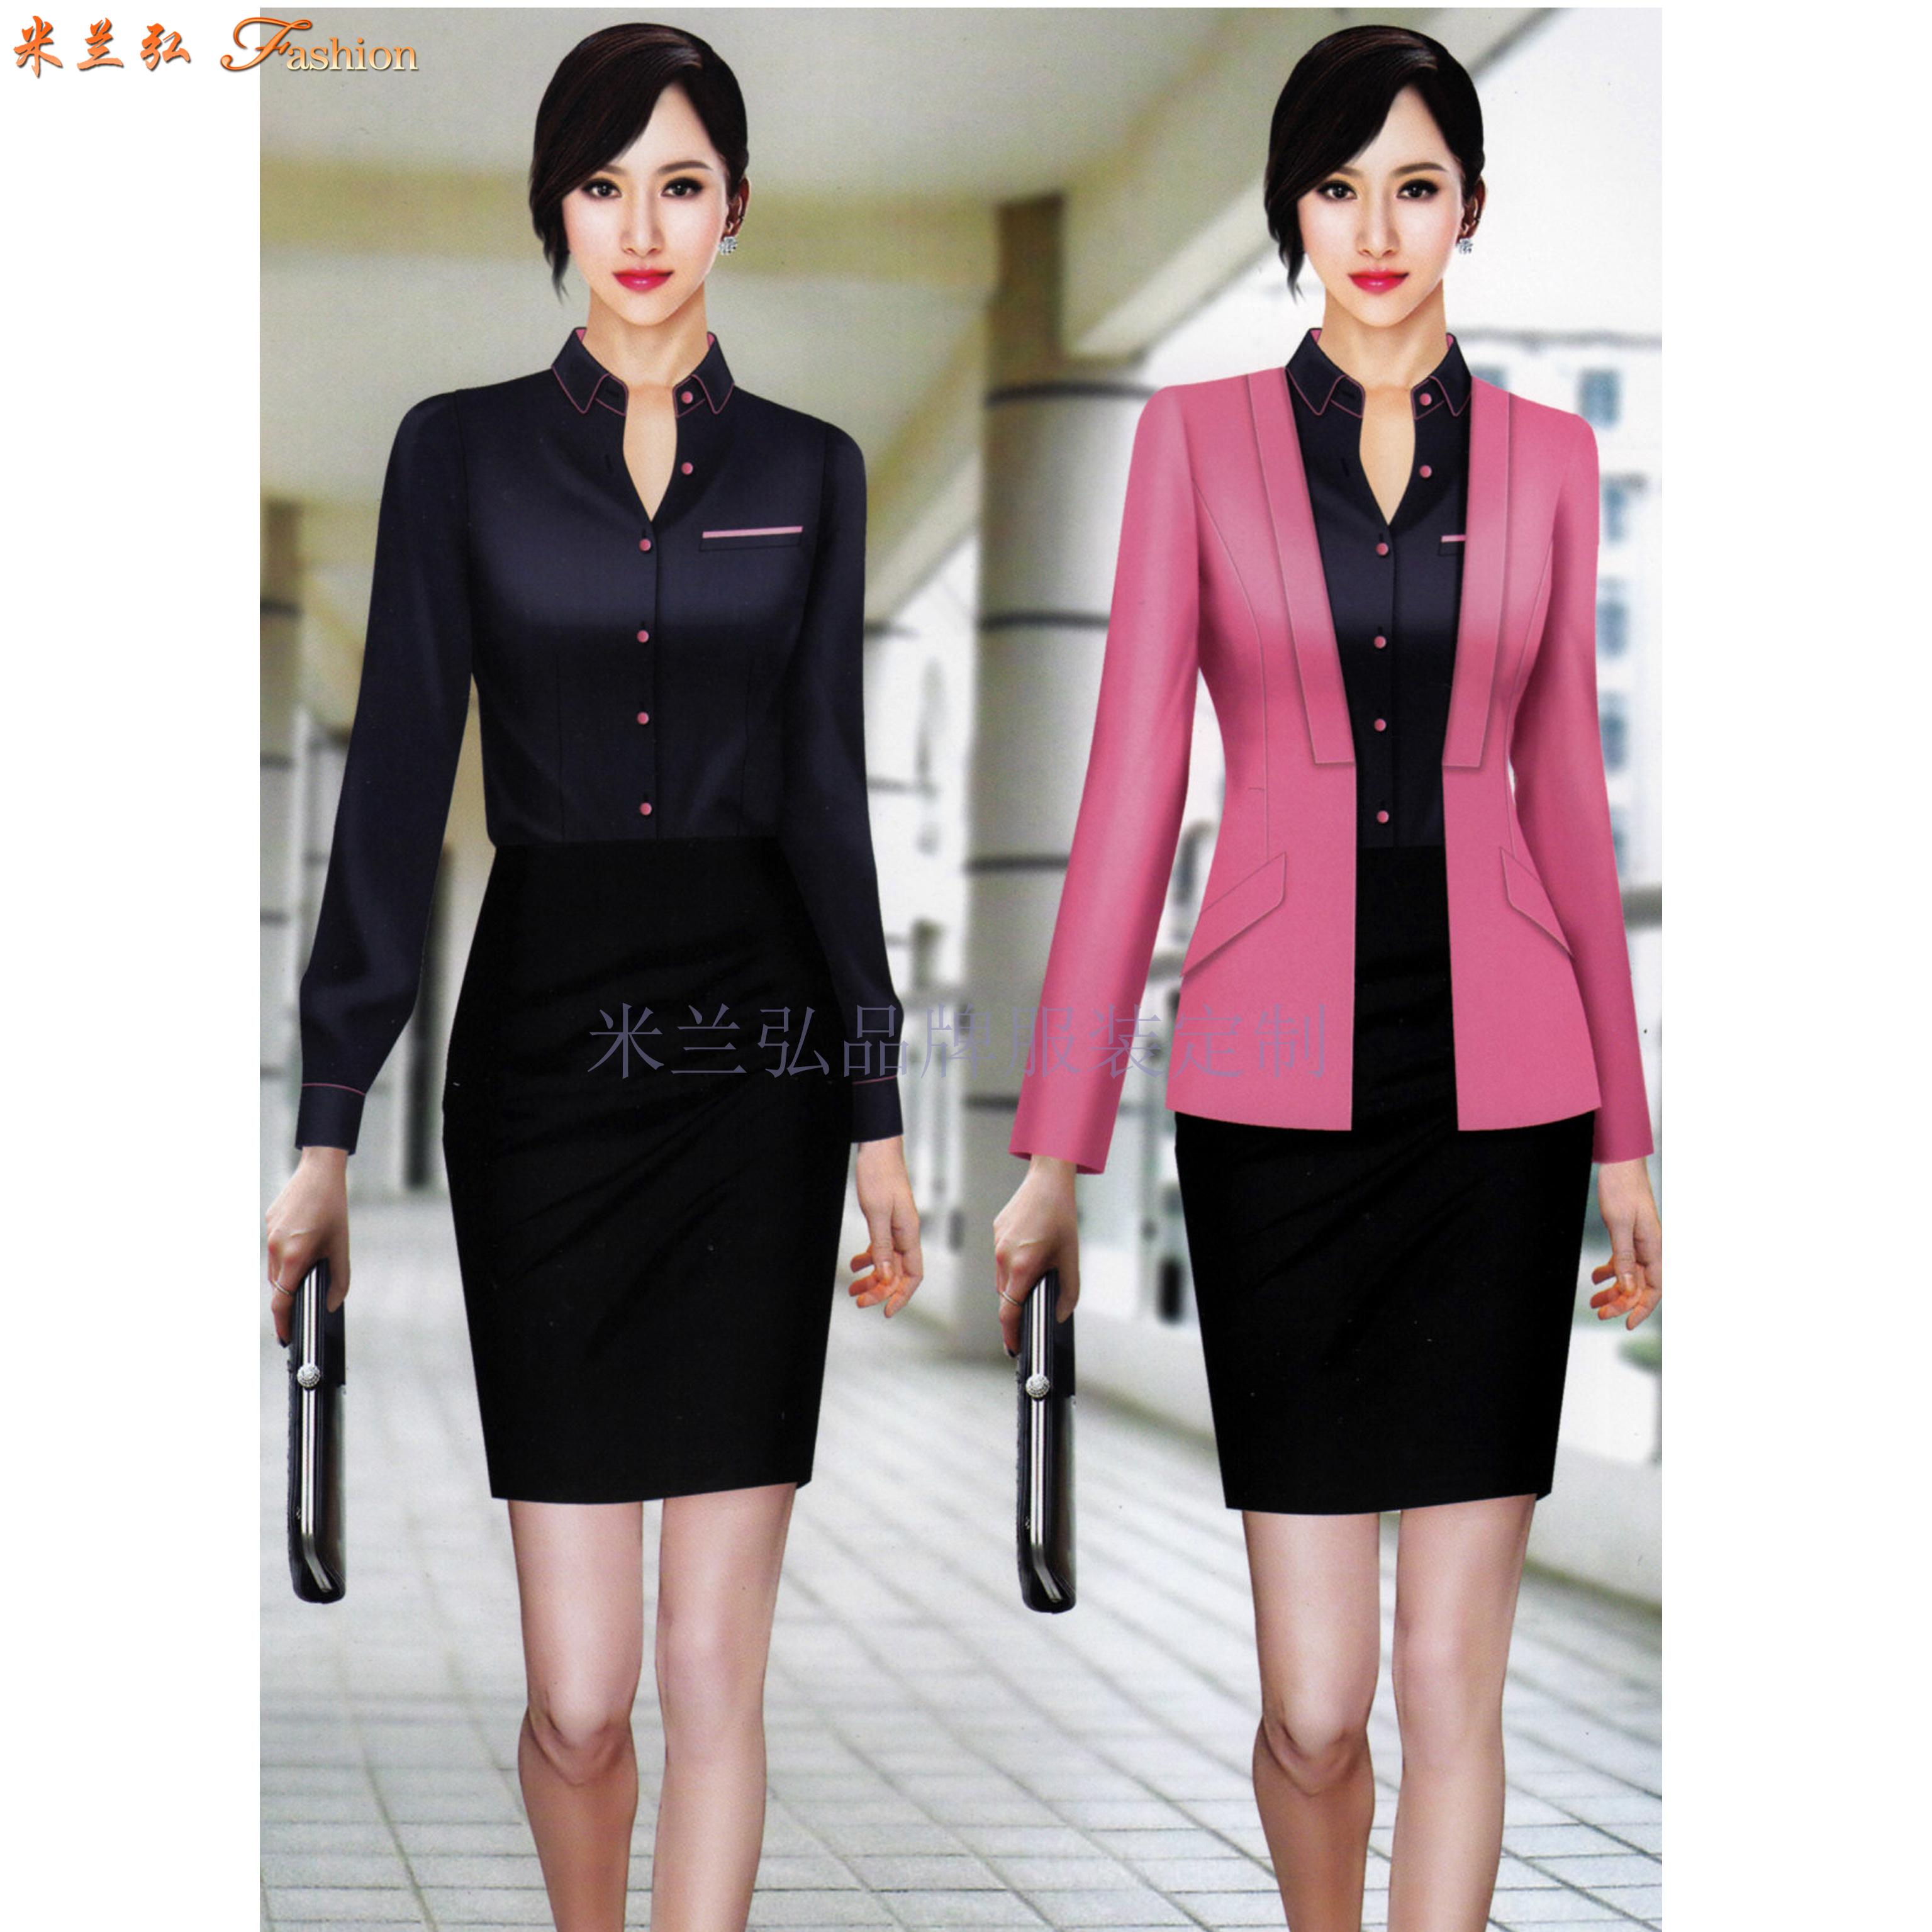 北京時尚職業裝訂制-通州城市副中心定做西服職業裝品牌-米蘭弘-2